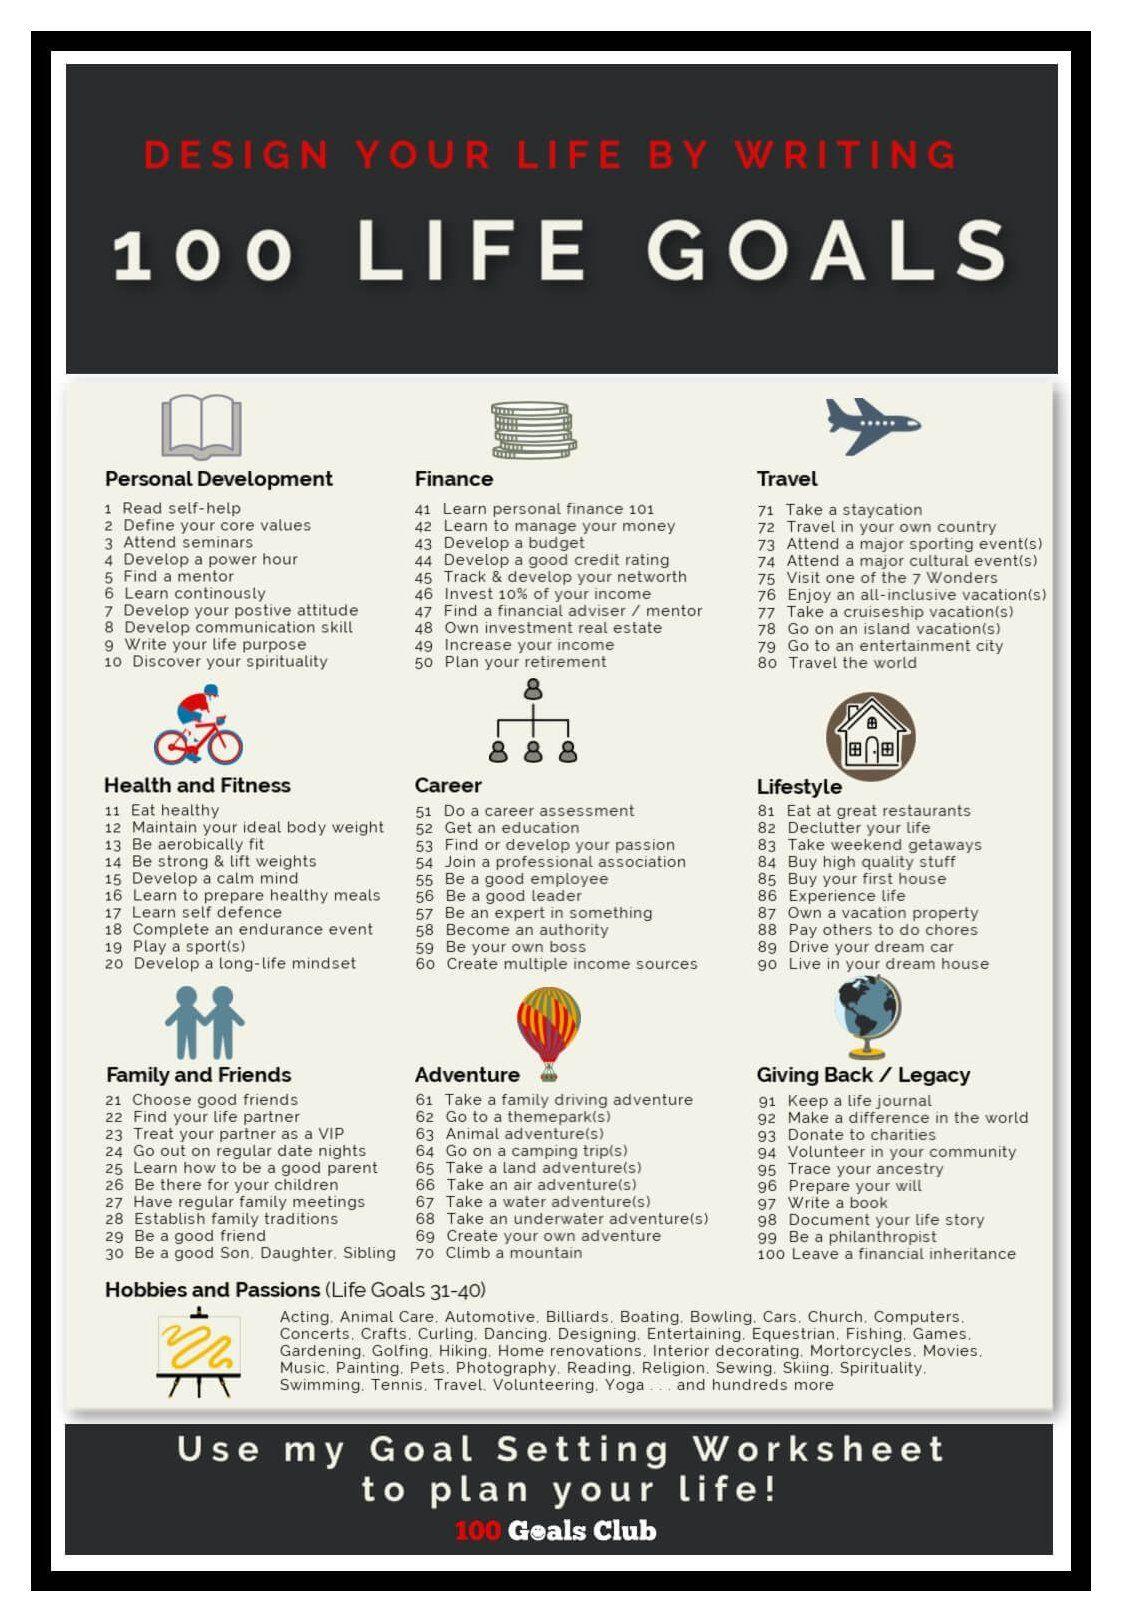 life goals ideas